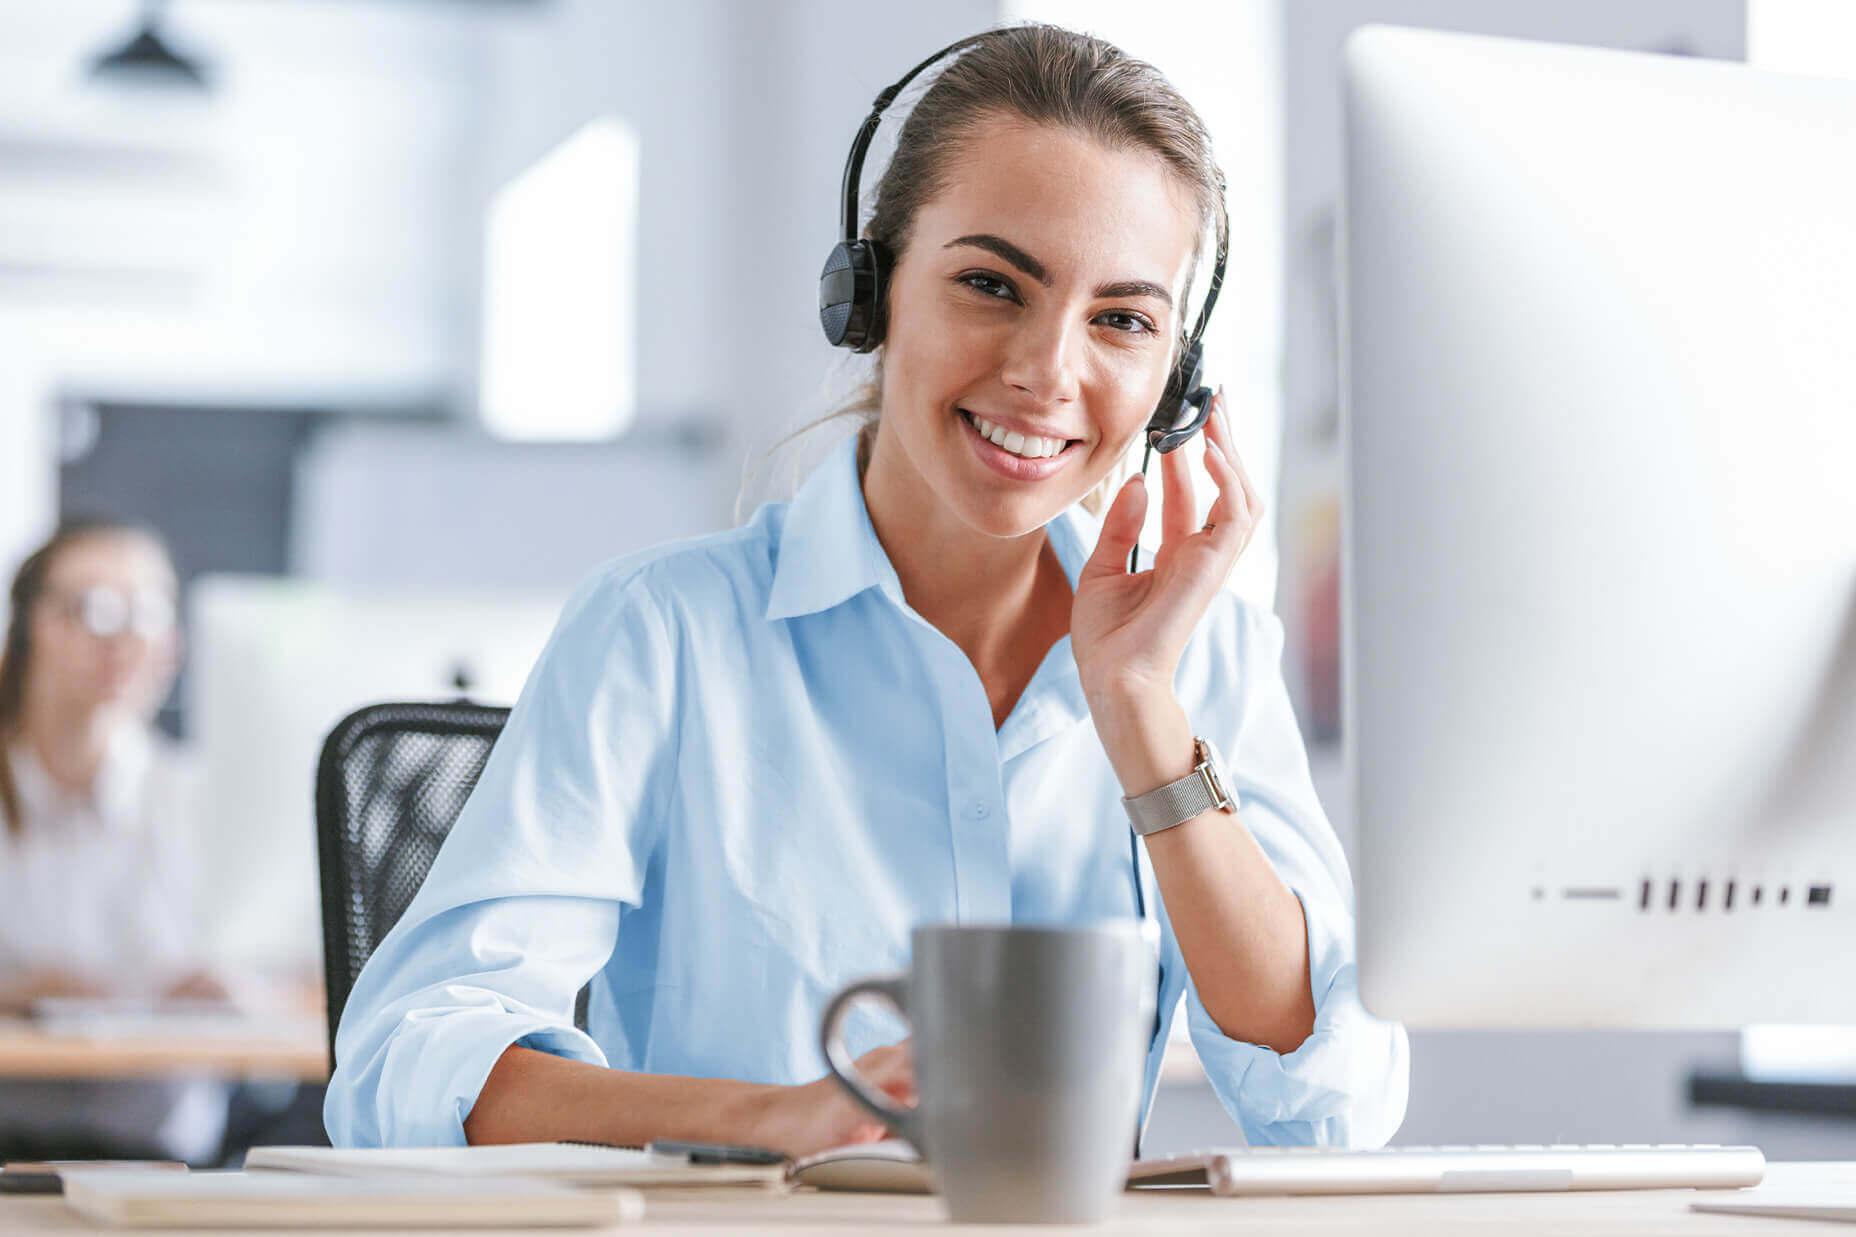 Junge weibliche Reisswolf-Angestellte mit Headset lächelt in die Kamera